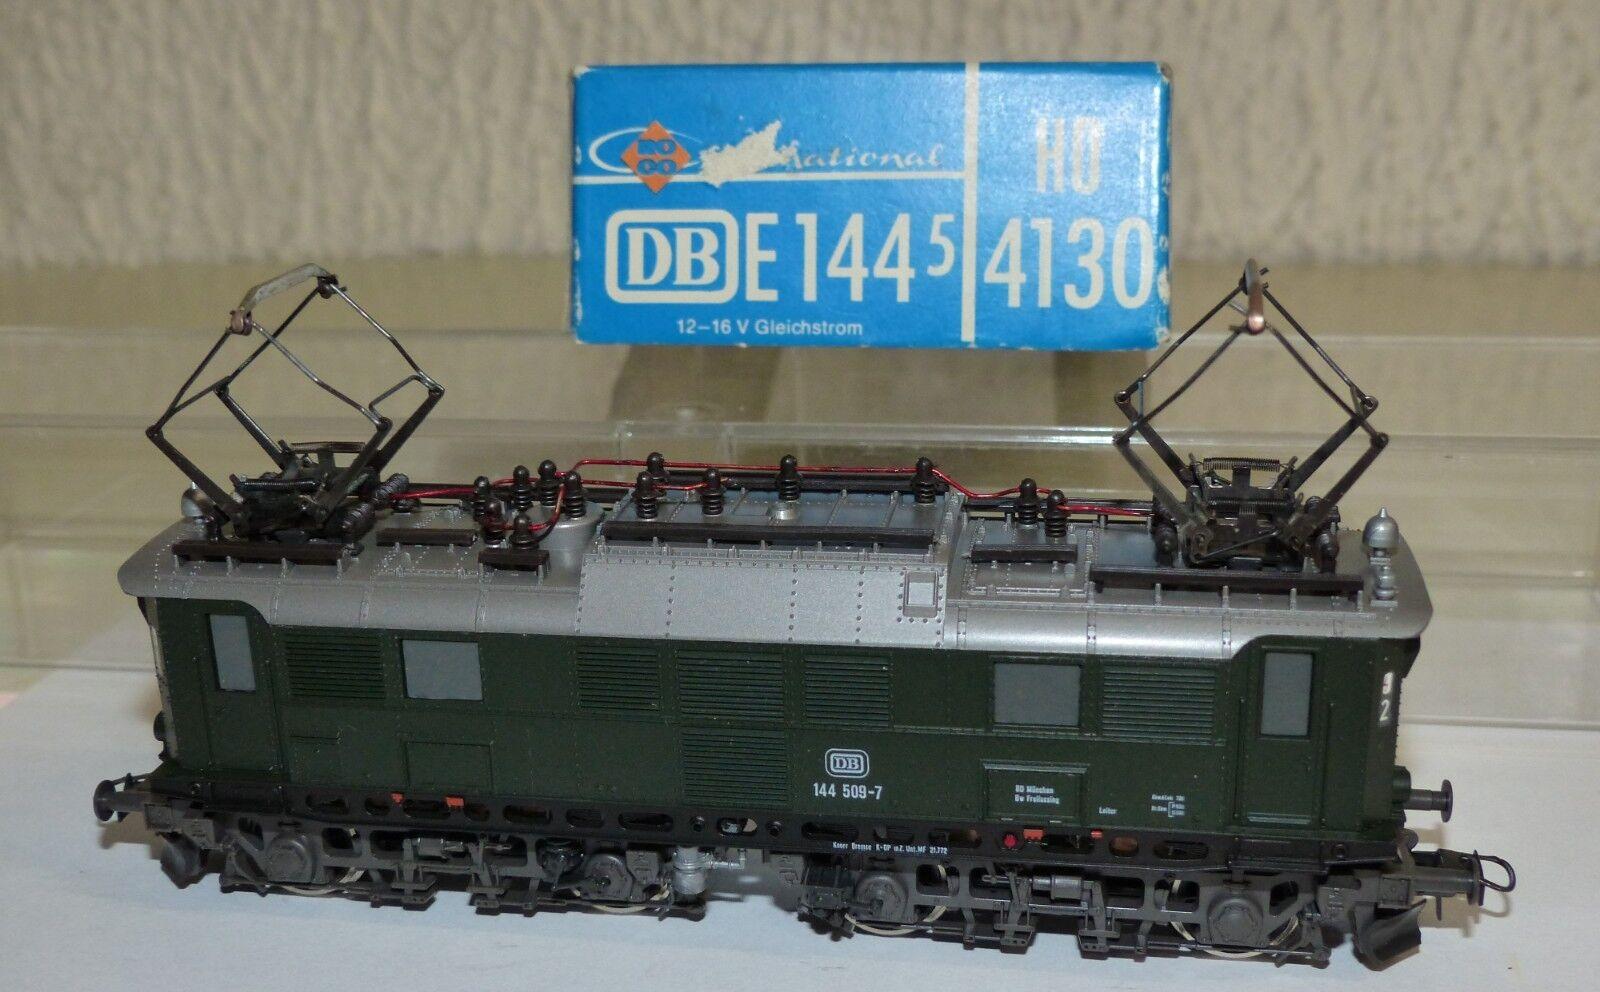 Roco 4130 e-Lok br 144 509-7 DB OVP h0 1 87 buen estado gasóleo